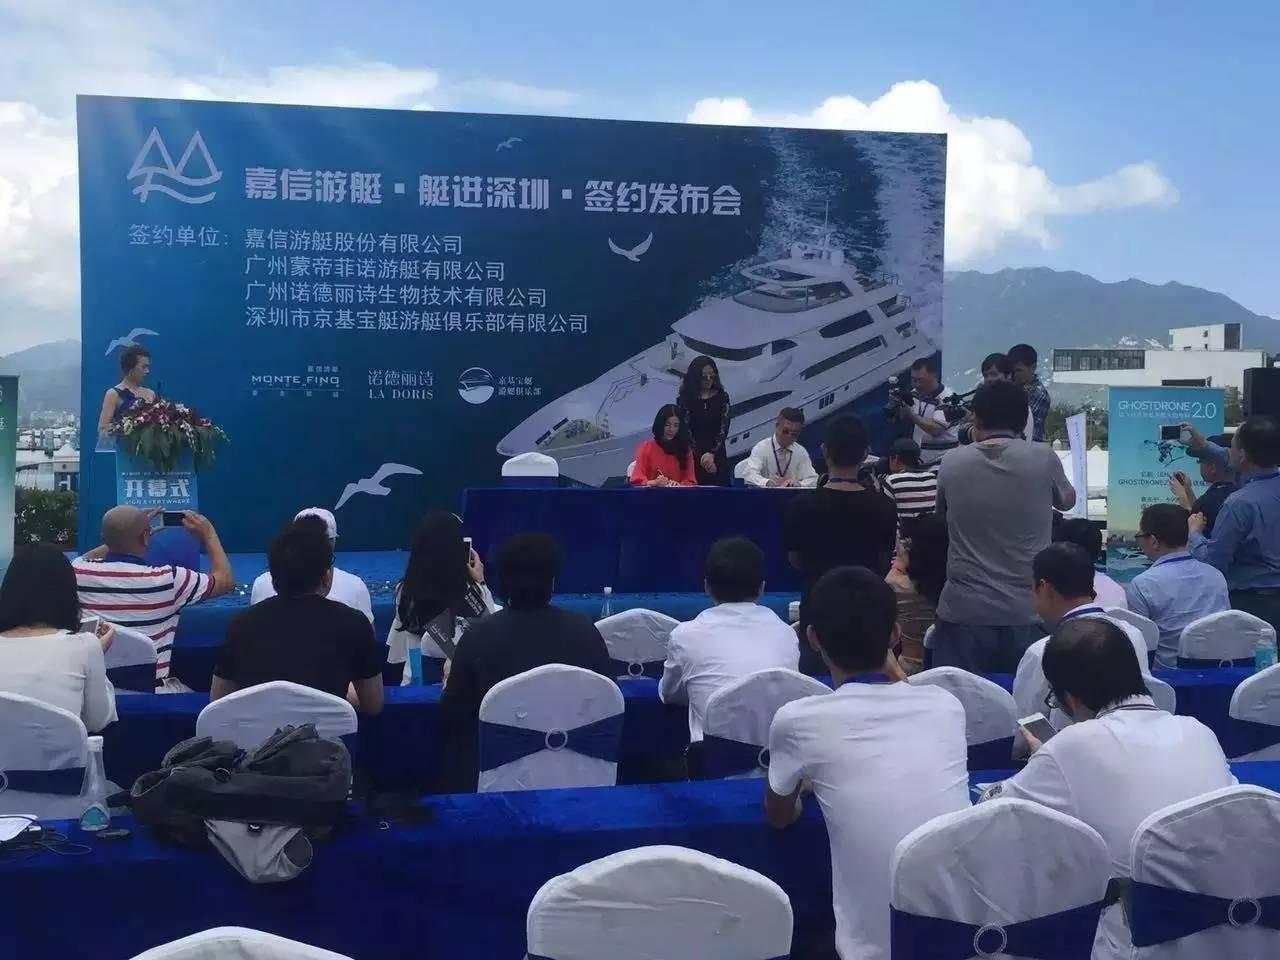 资产阶级,落下帷幕,太阳鸟,代理商,着眼点 第十届深圳国际游艇展闭幕!游艇行业的新台阶在哪里? 77ce5fd14f2f9355e466d574937f2829.jpg